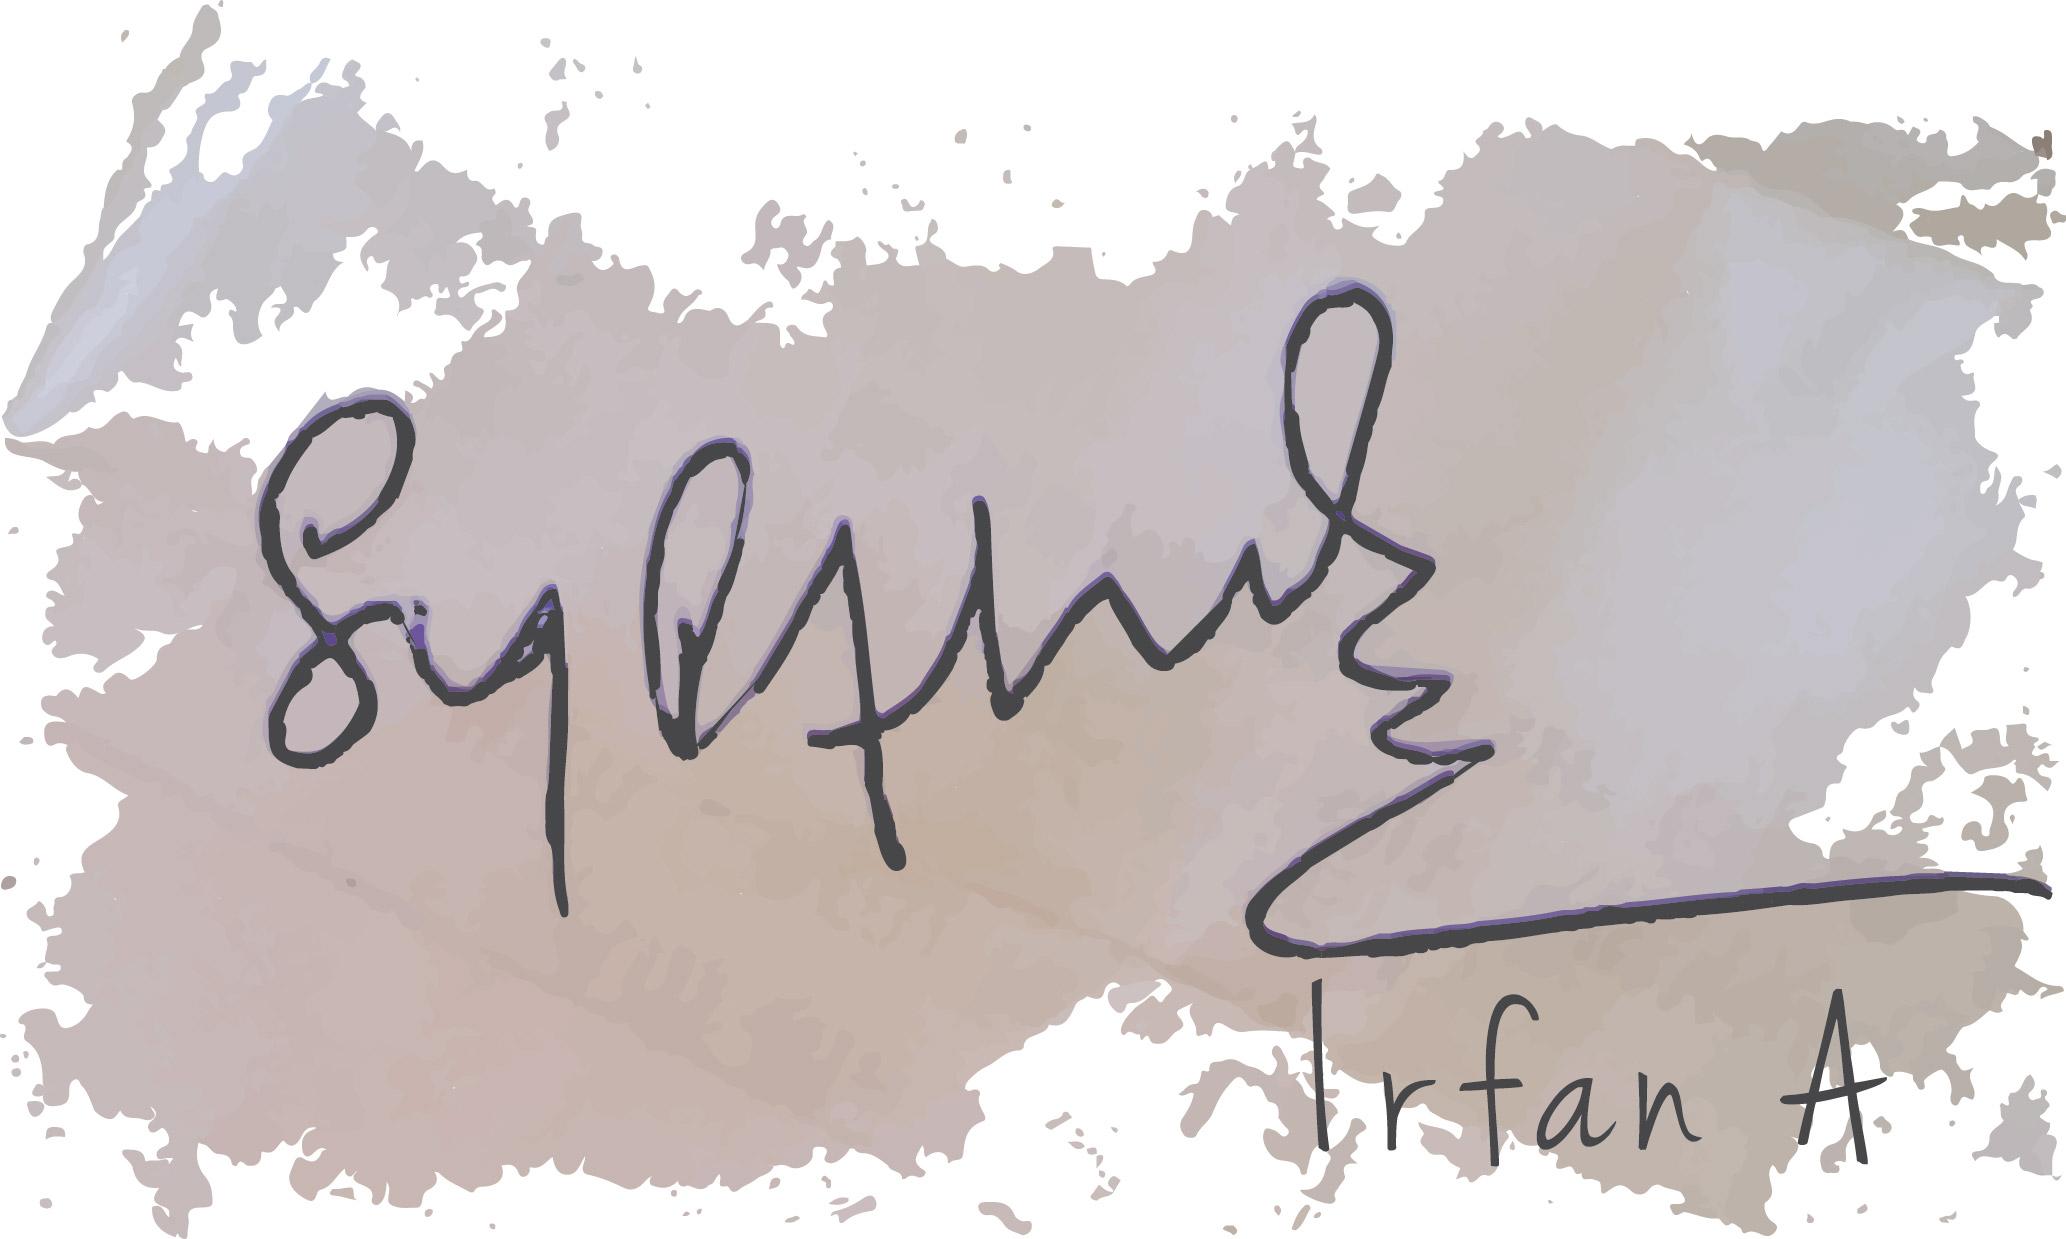 Irfan Ali's Signature